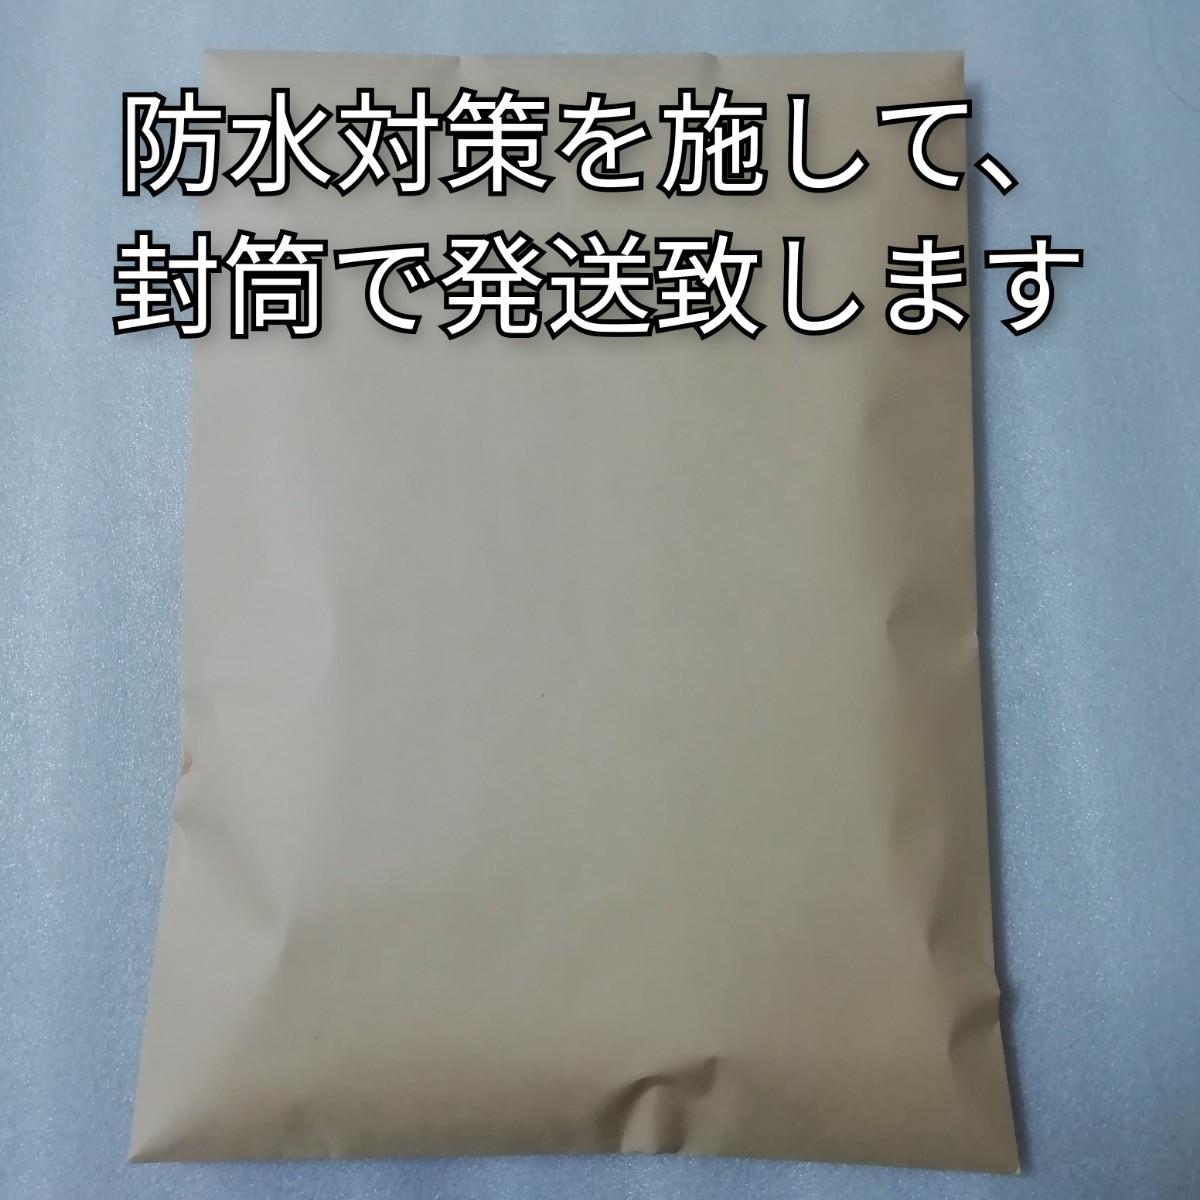 ブレンドフォルテシモ 20袋 澤井珈琲 ドリップコーヒー